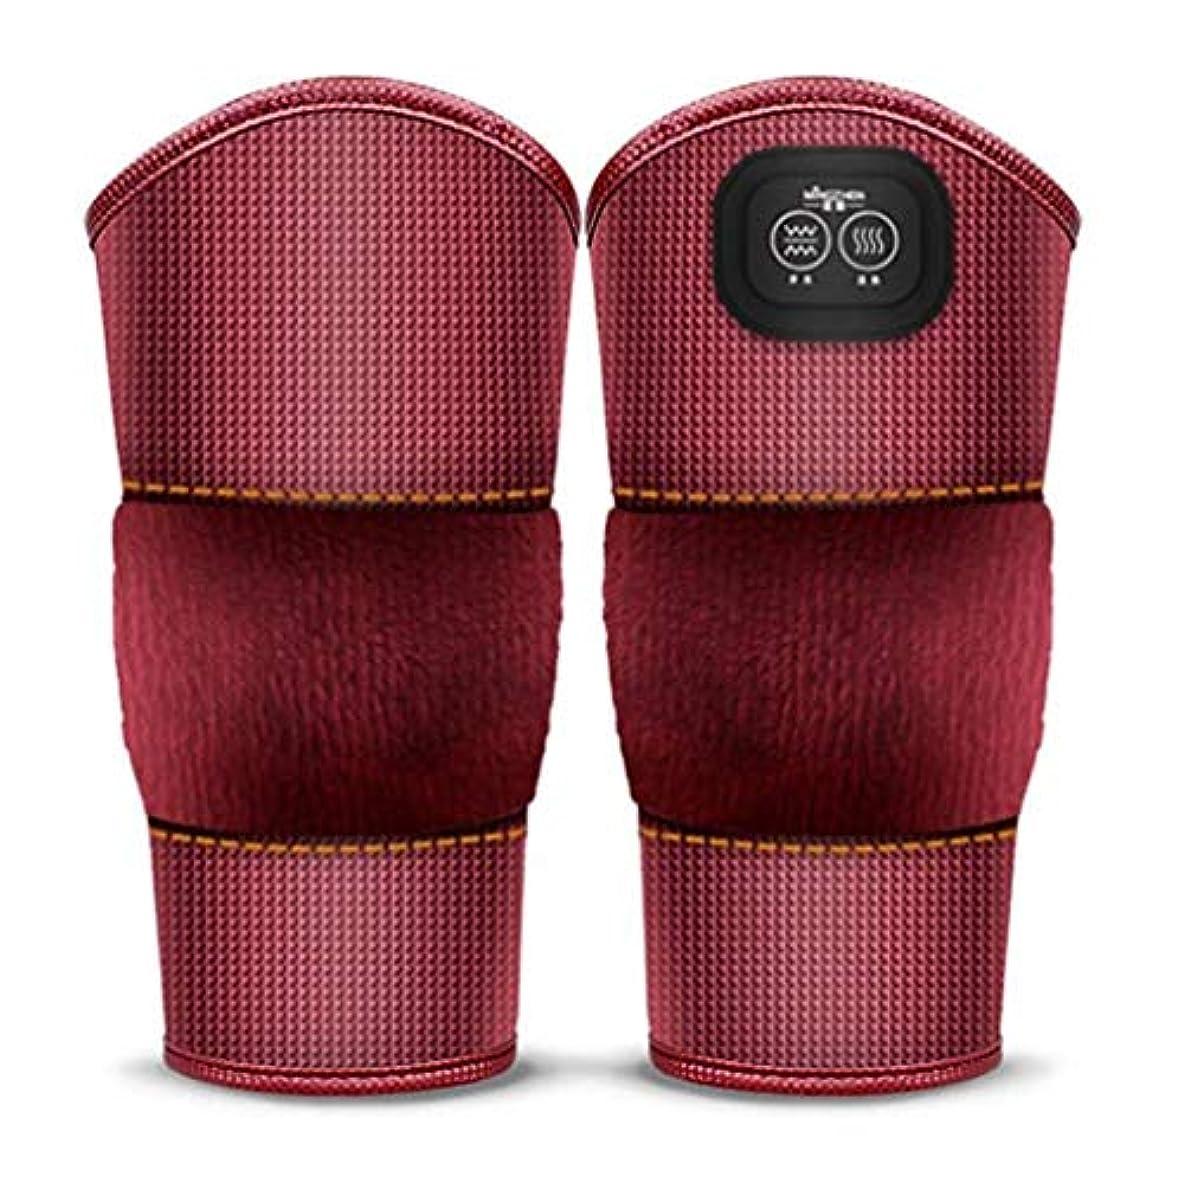 遺伝的最小著作権マッサージ加熱膝ブレースラップ、プロフェッショナルな膝サポートパッド、膝捻挫の痛み、関節炎の痛み、古い冷たい脚の関節痛